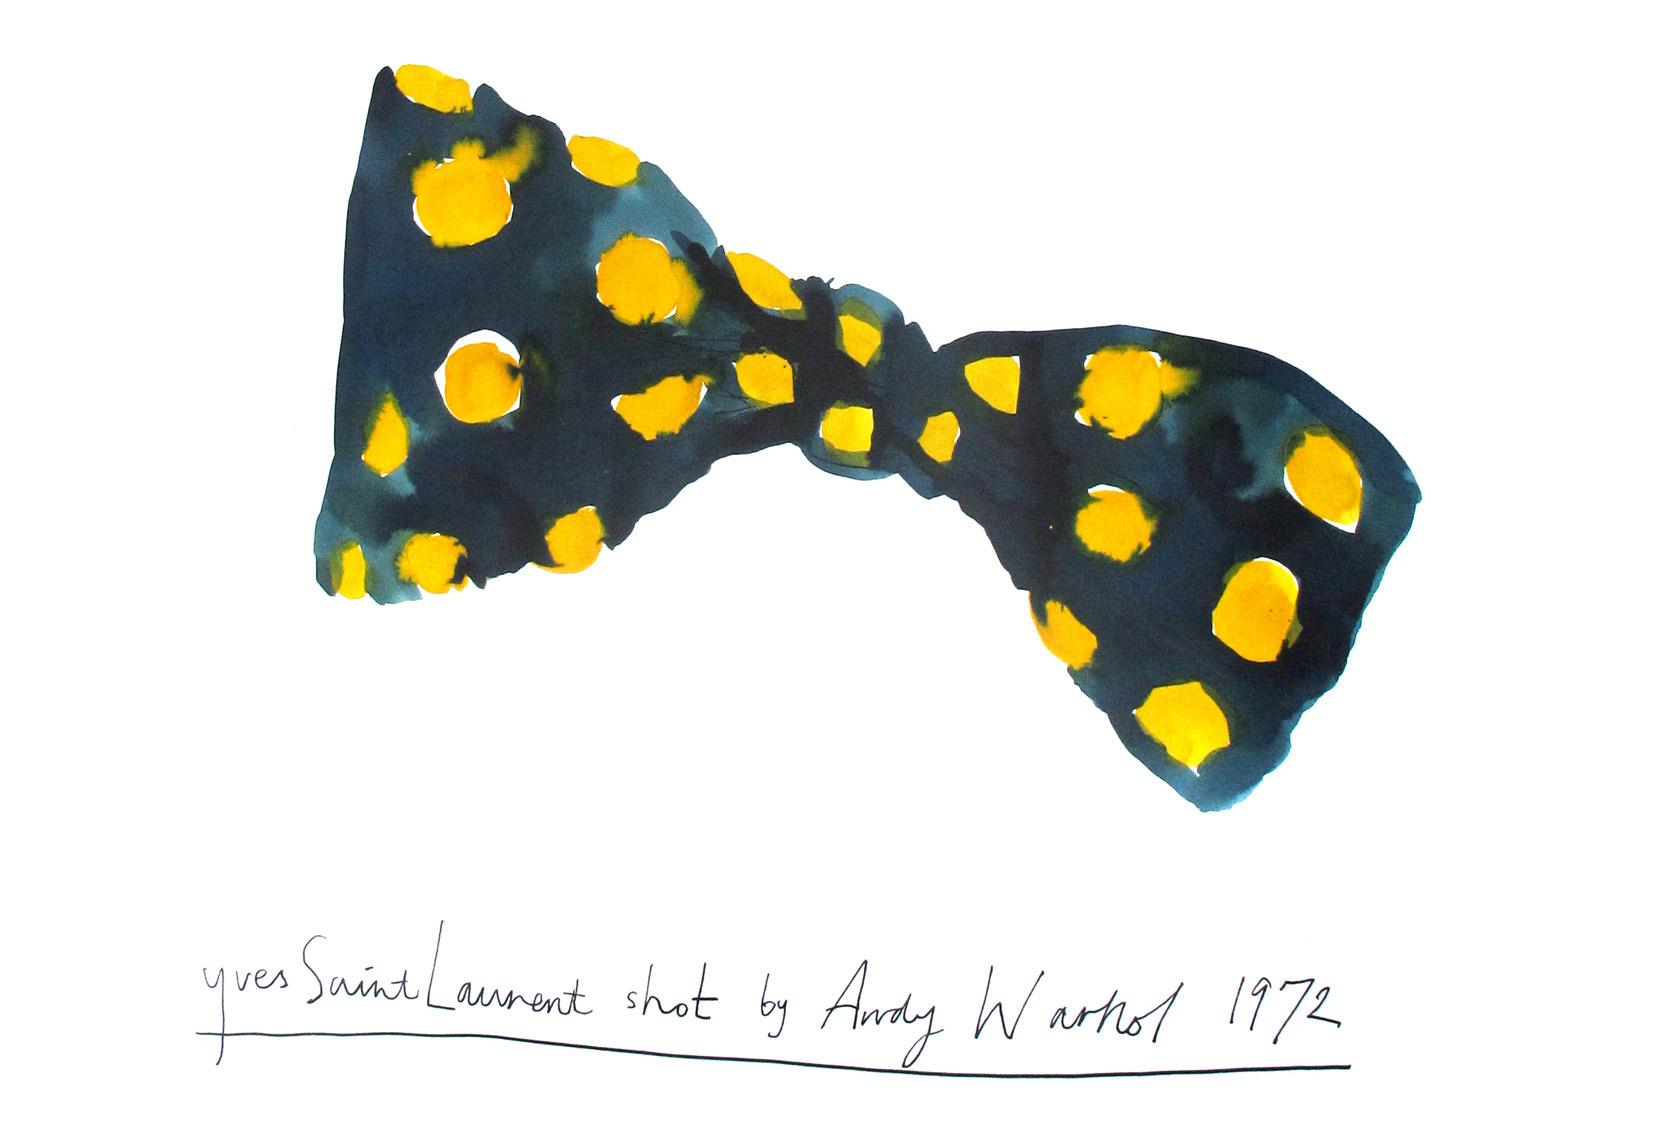 YSL Shot By Andy Warhol 1972